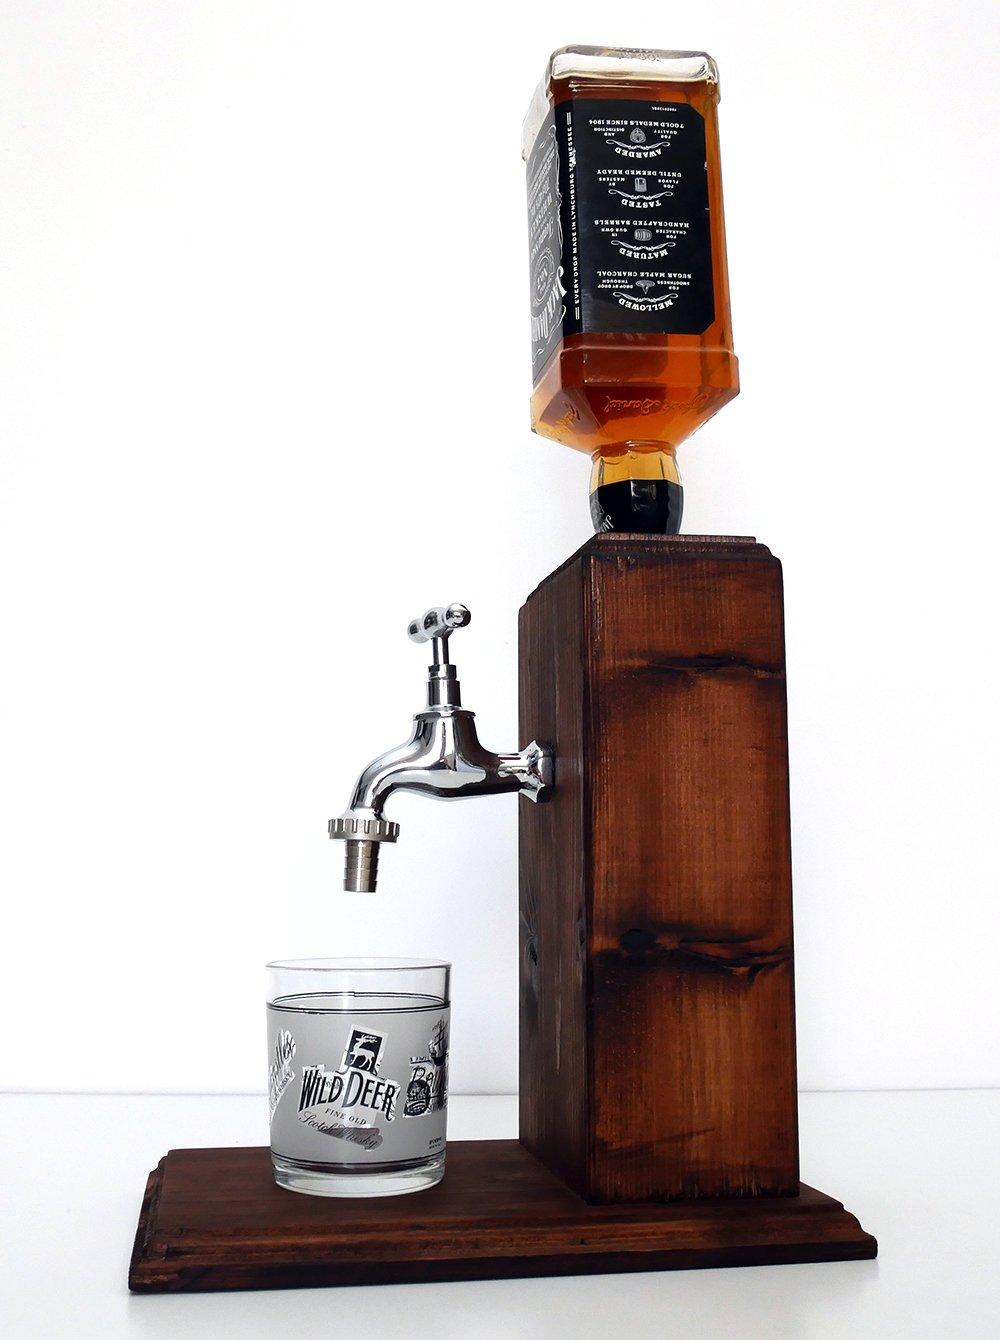 Handmade Wooden Alcohol Dispenser - Large Chrome